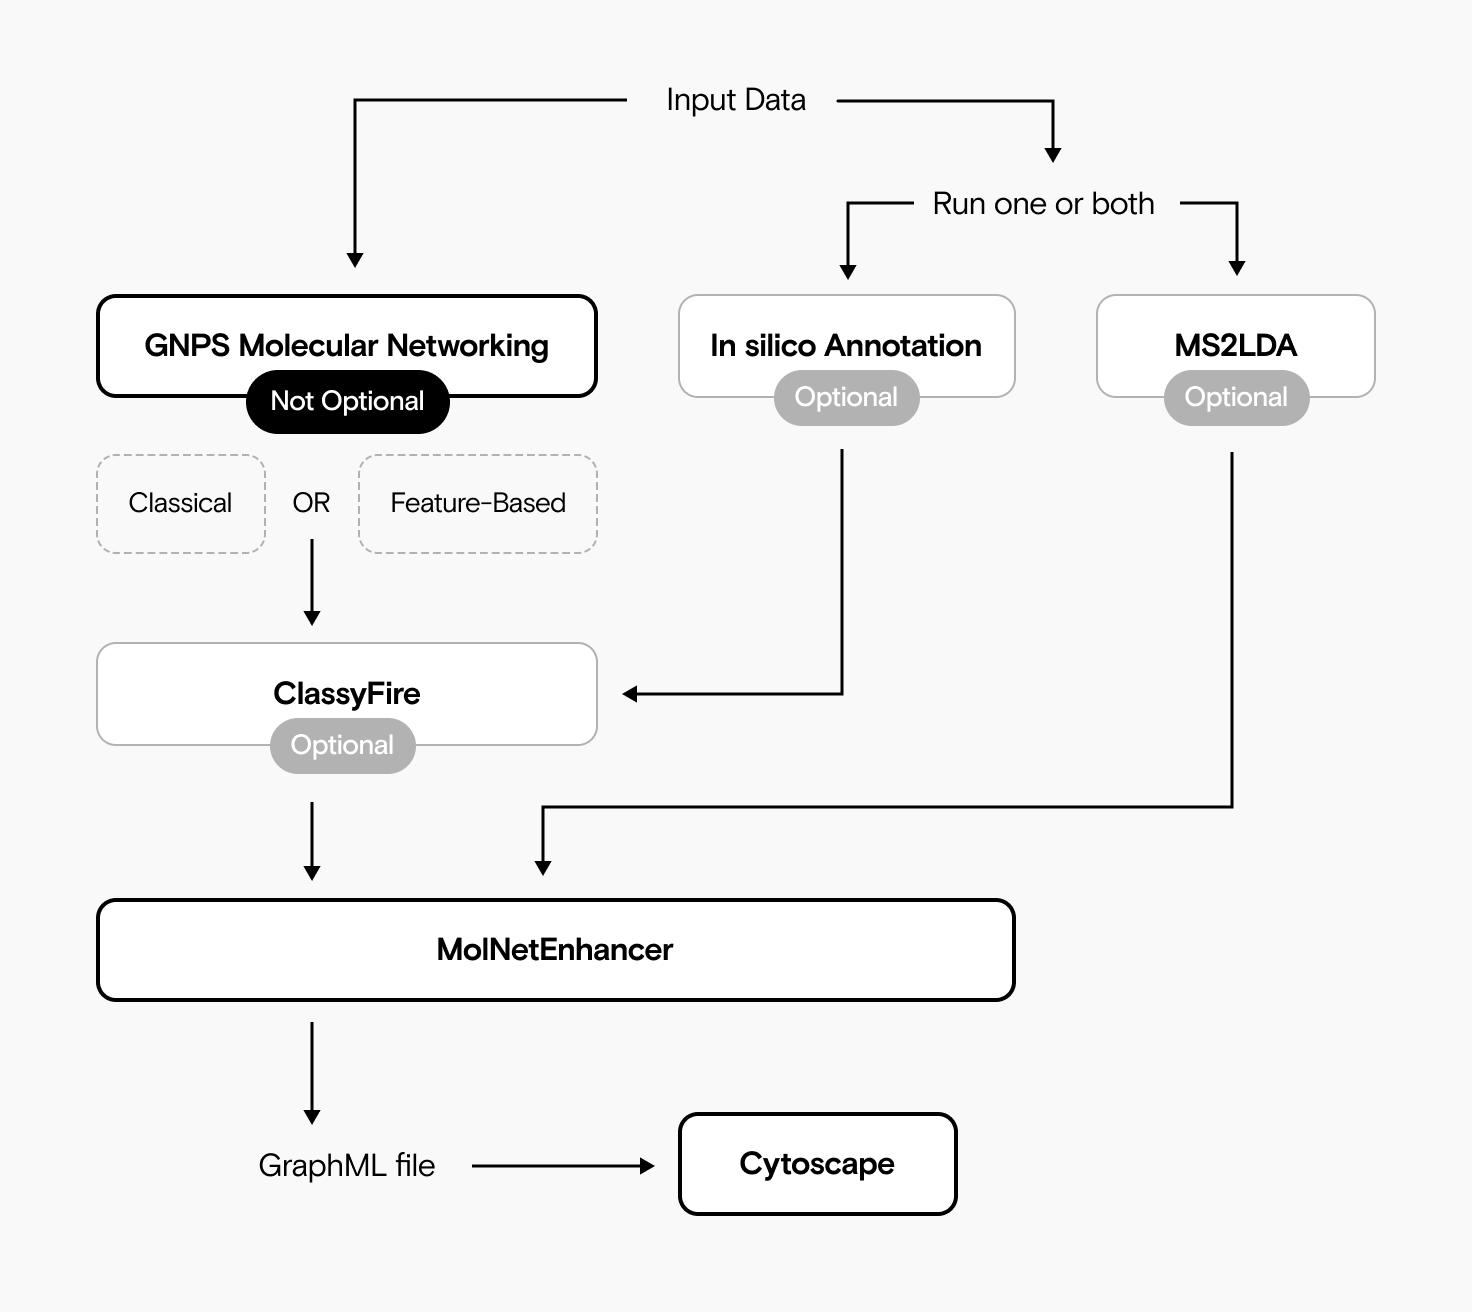 eine Flow-Chart, die zeigt, wie man Output von GNPS Molecular Networking, MS2LDA, in silico Annotationen und ClassyFire mit MolNetEnhancer kombiniert und anschließend die Ergebnisse als GraphML-Datei zur Ansicht in Cytoscape exportiert.